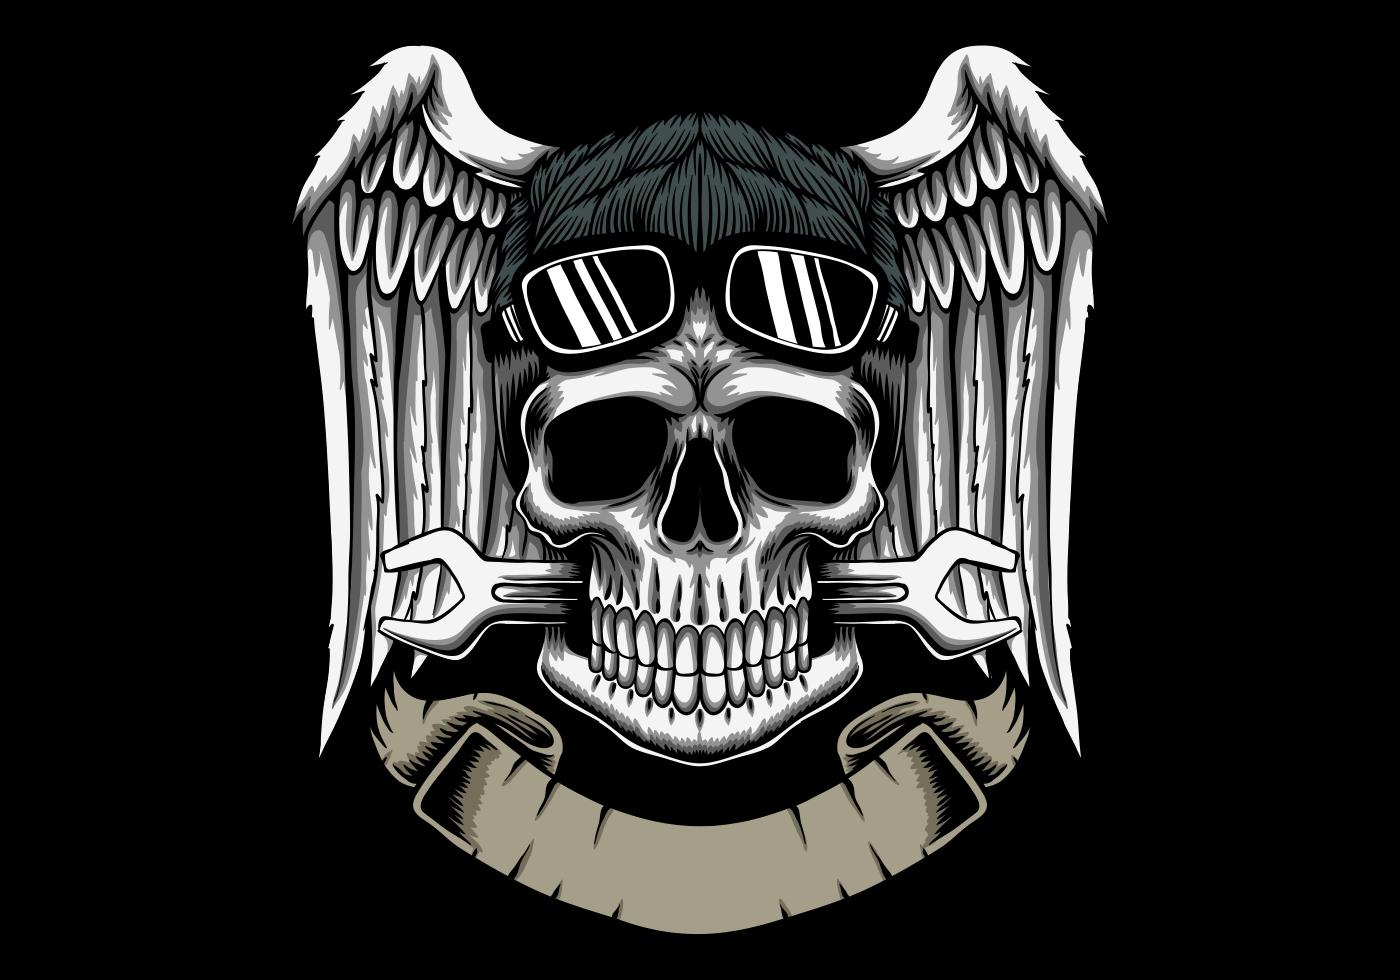 Cabeza de cráneo mecánico con alas y emblema de banner